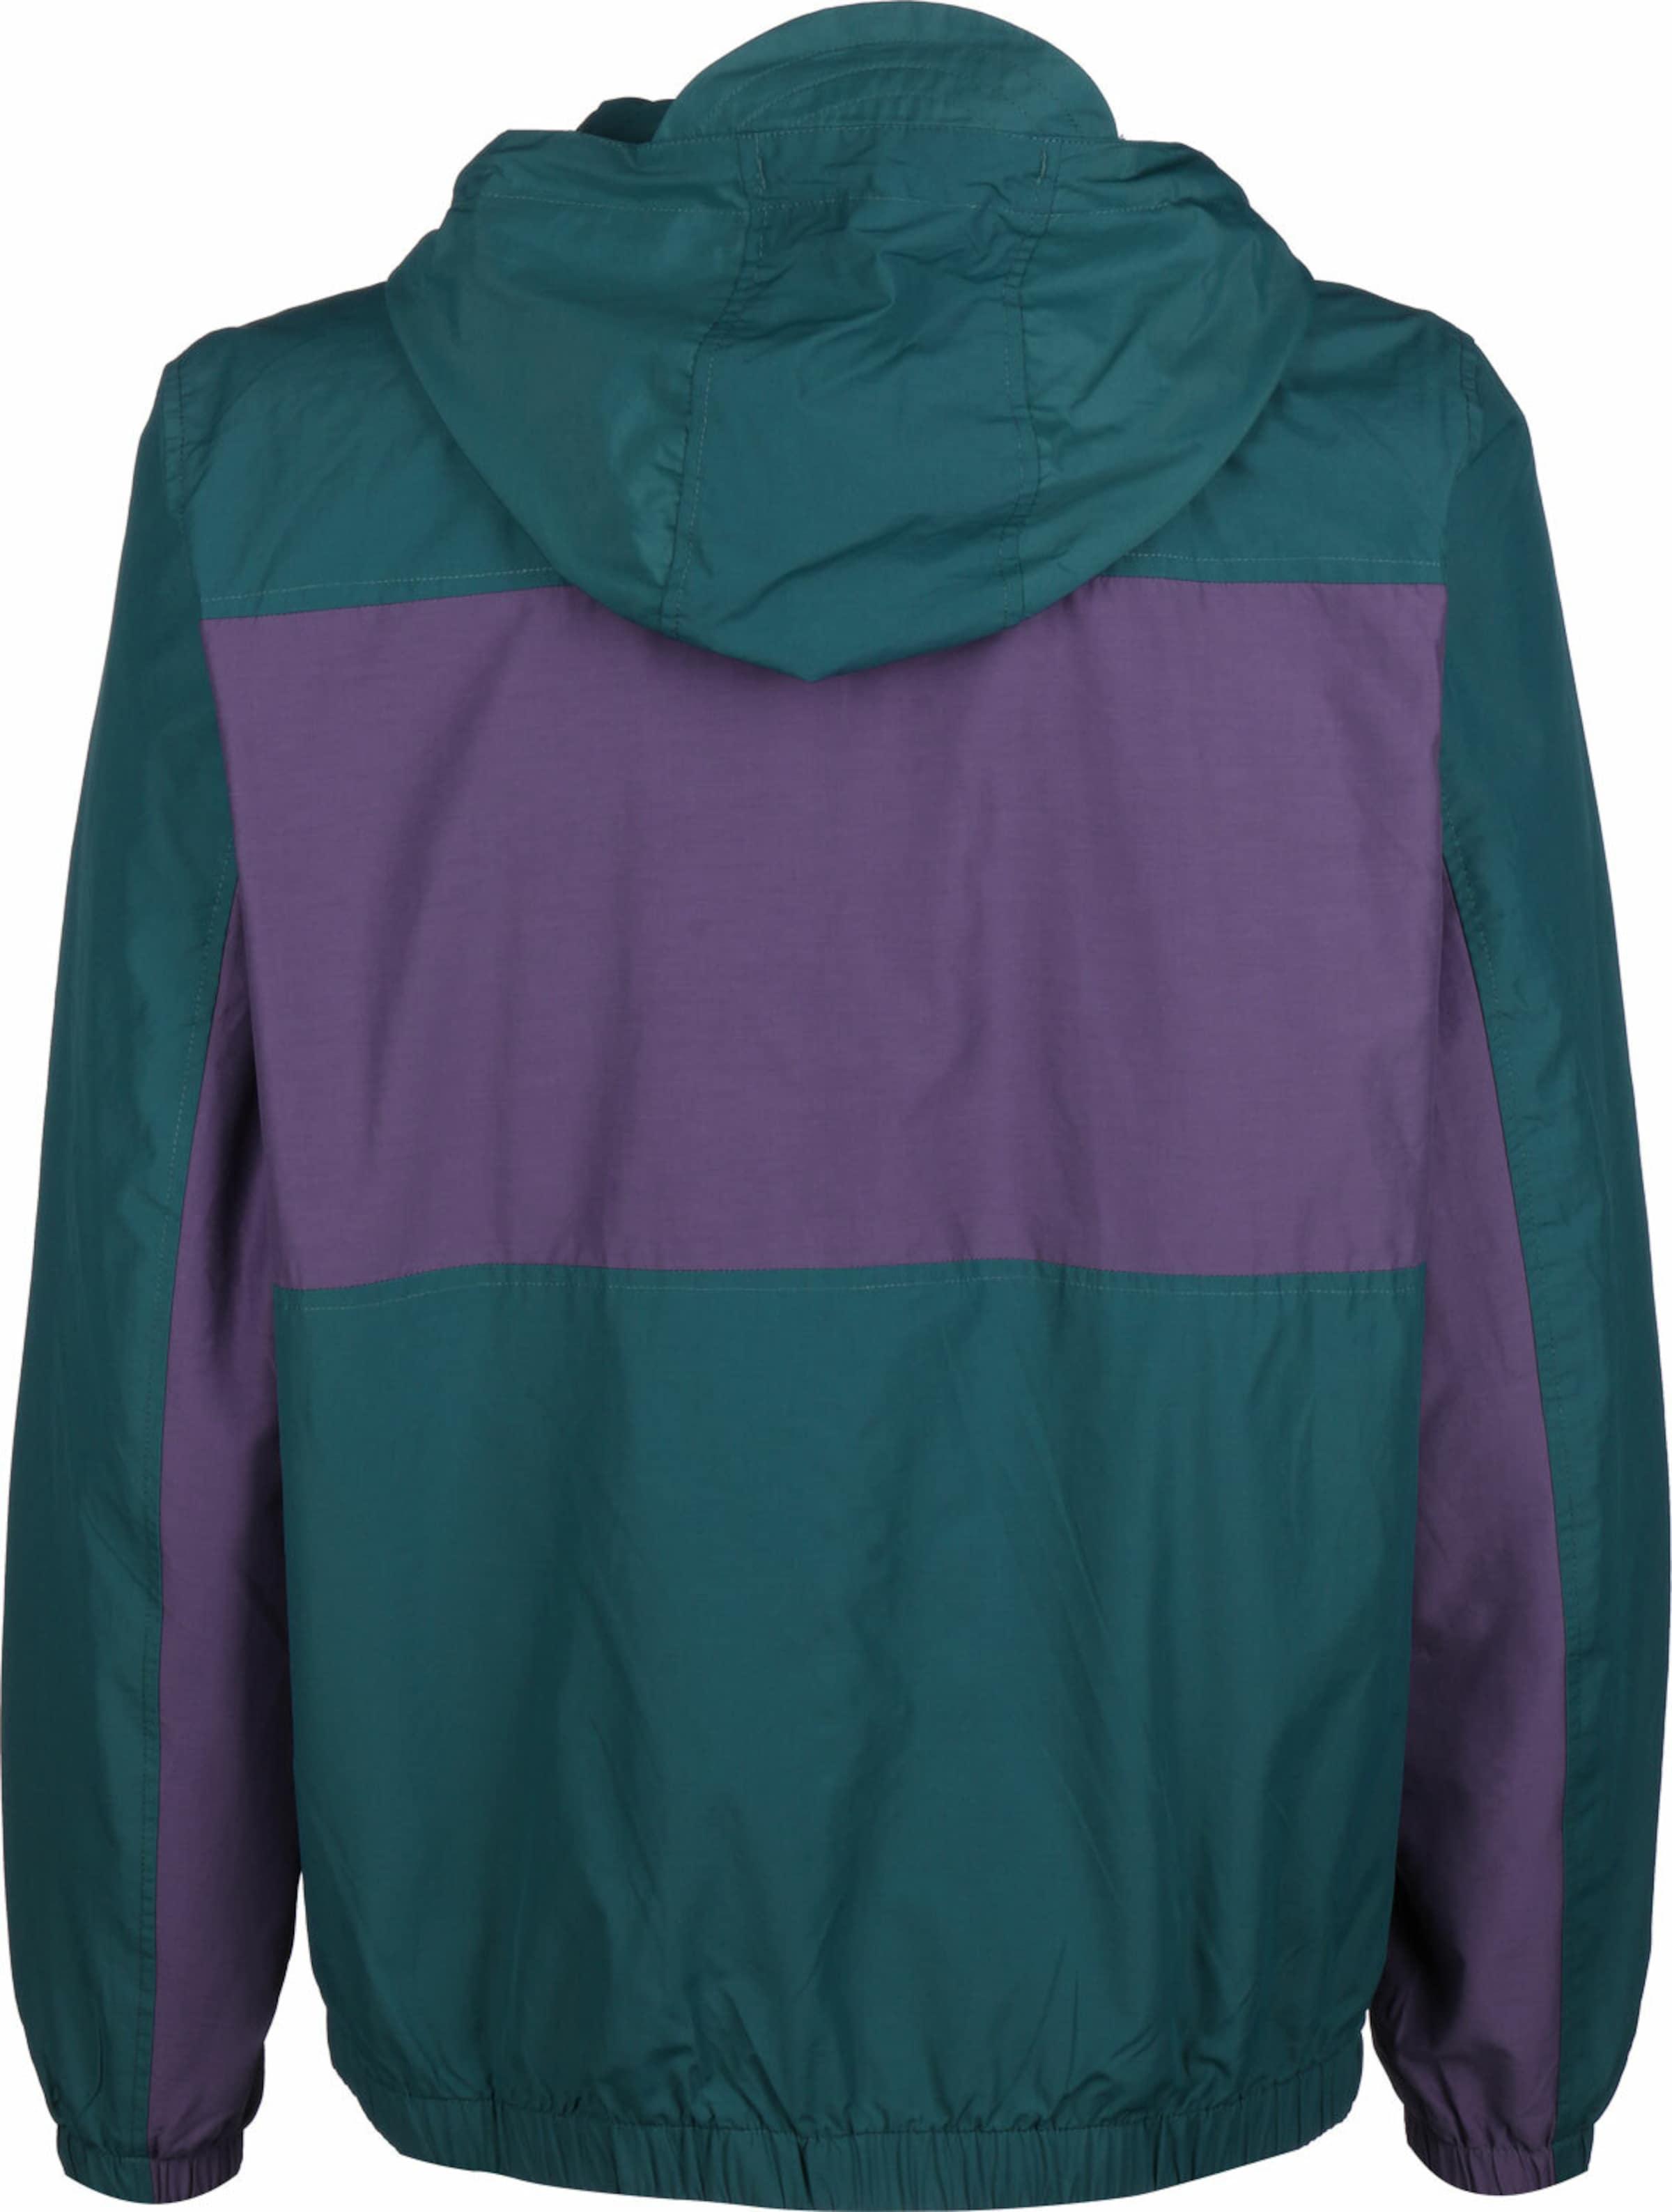 Lyle & Scott Windbreaker ' lightweight hooded ' in grün / lila Baumwolle KJ14K046011